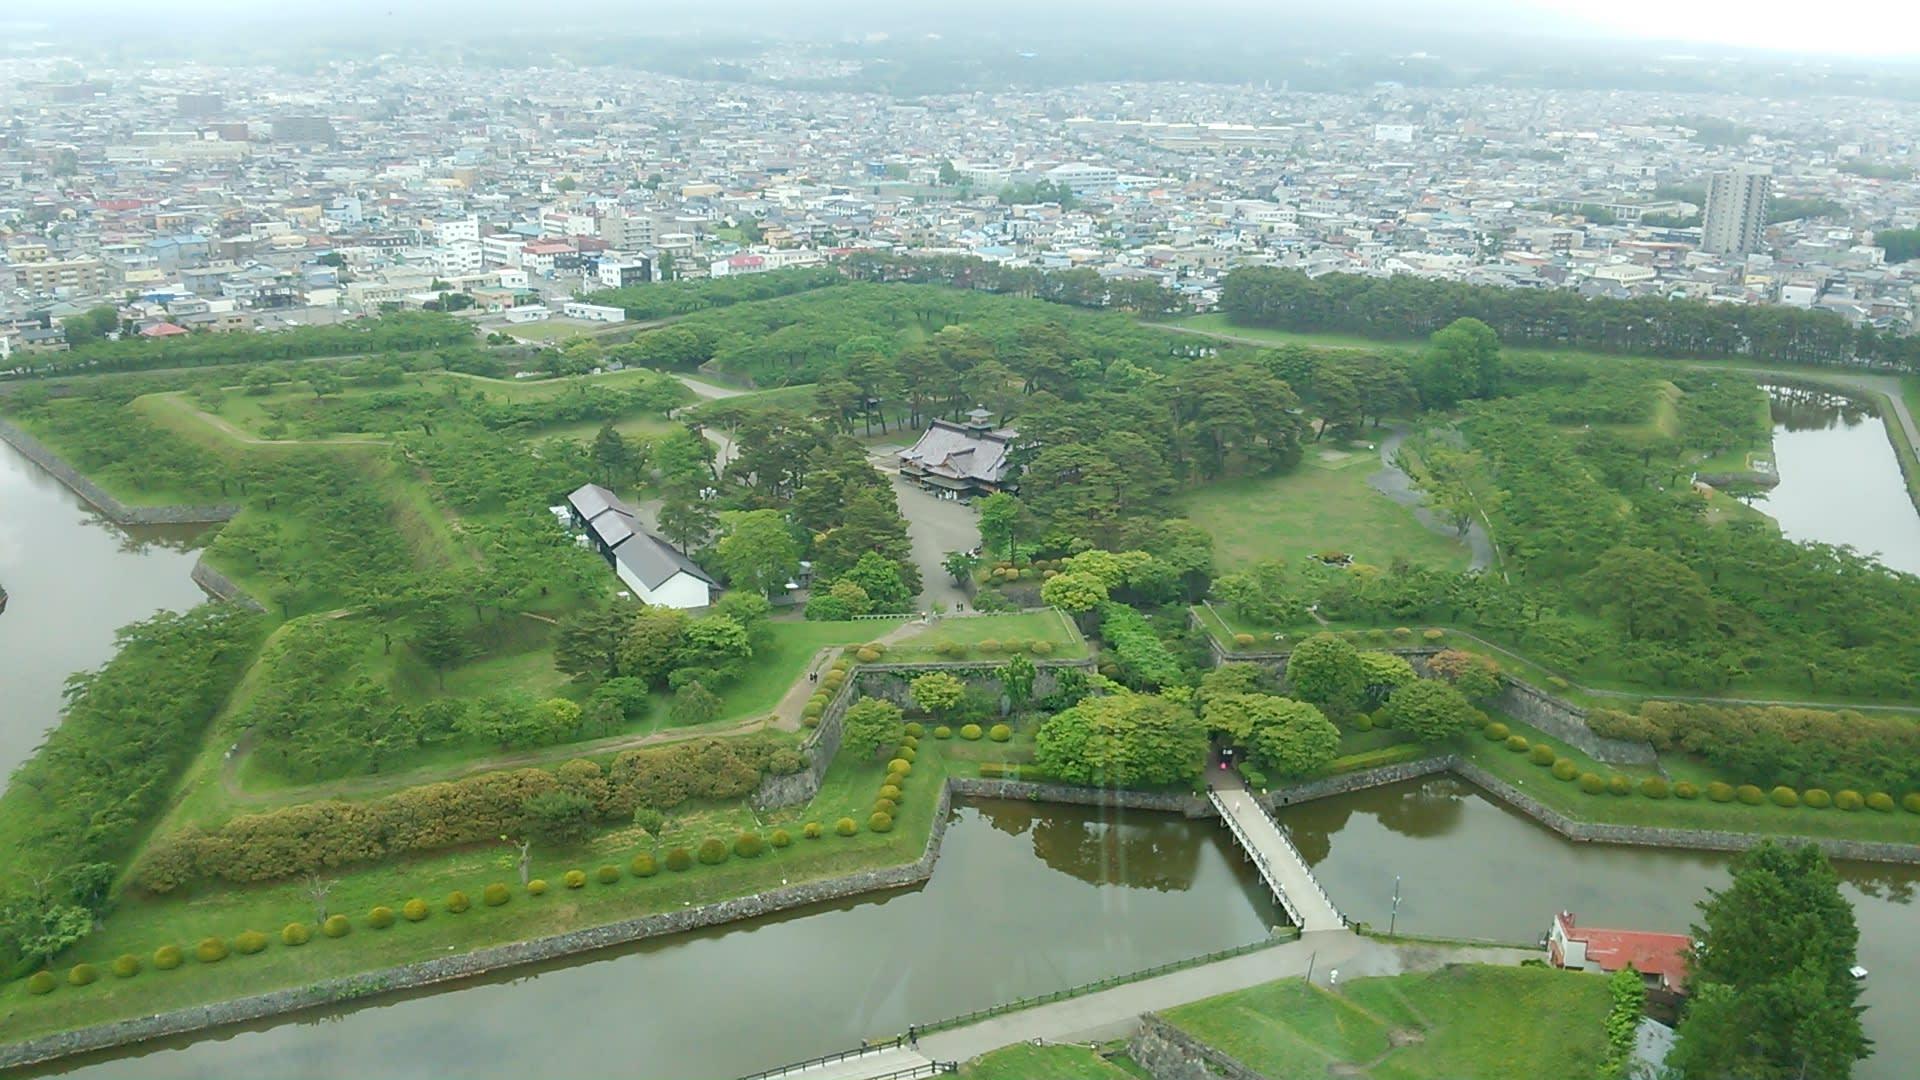 北海道小樽観光ジャンボタクシー山崎が北海道ぜ~んぶご案内致しますよ!!